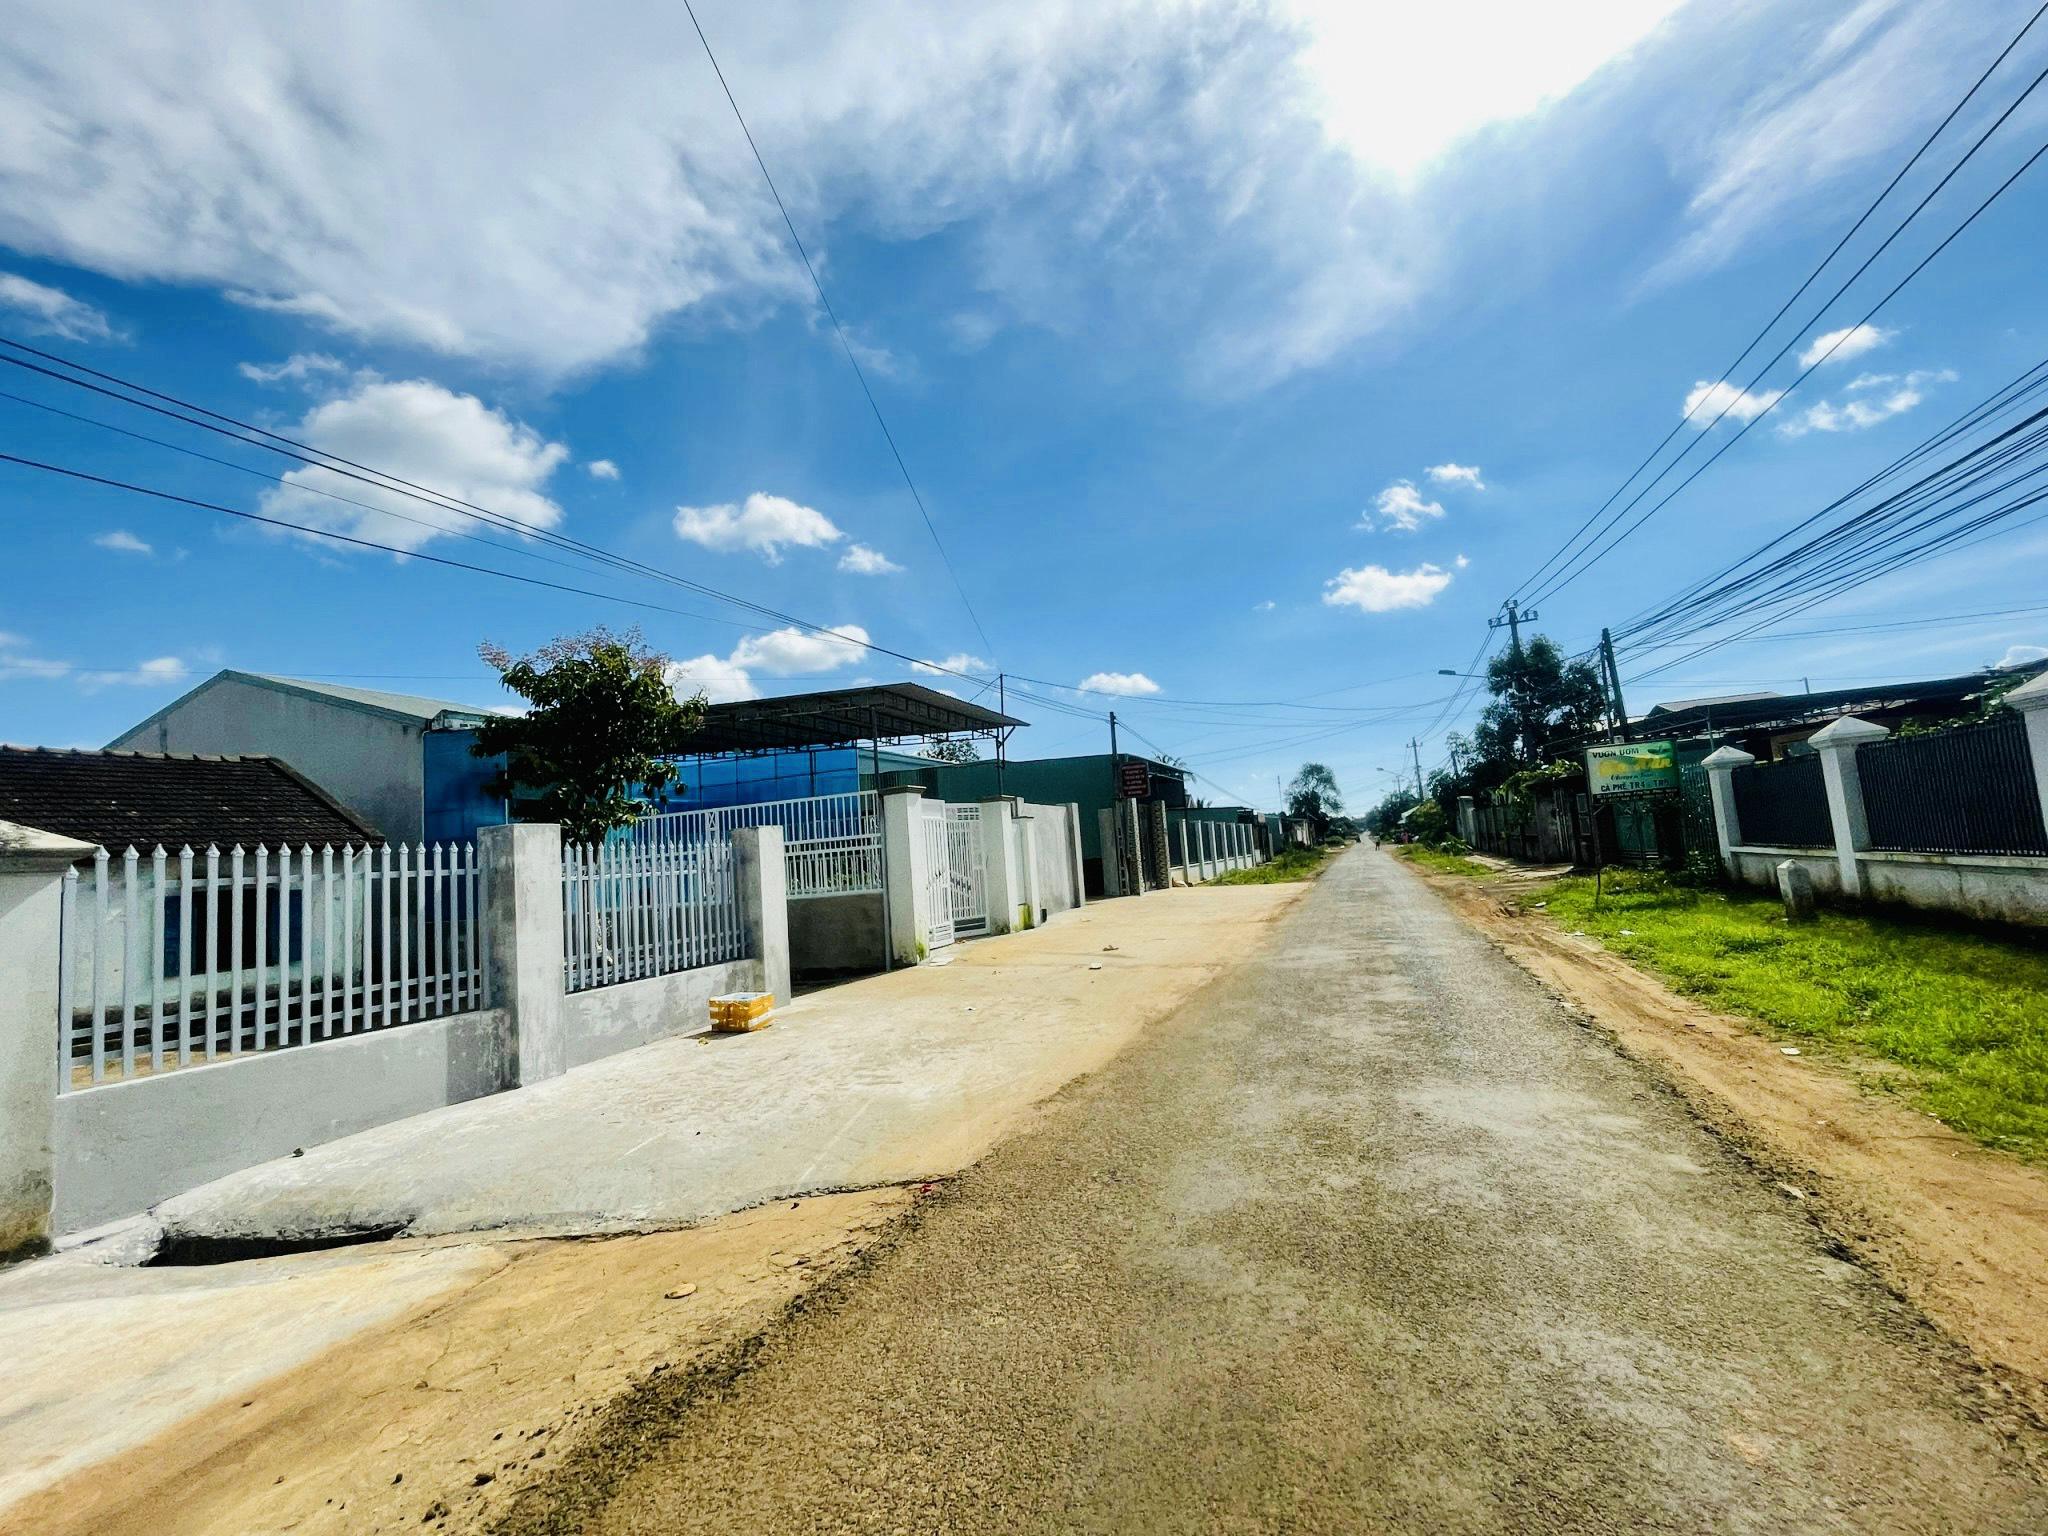 Cần bán Đất đường Phạm Ngọc Thạch, Phường Yên Thế, Diện tích 528m², Giá 420 Triệu - LH: 0971002992